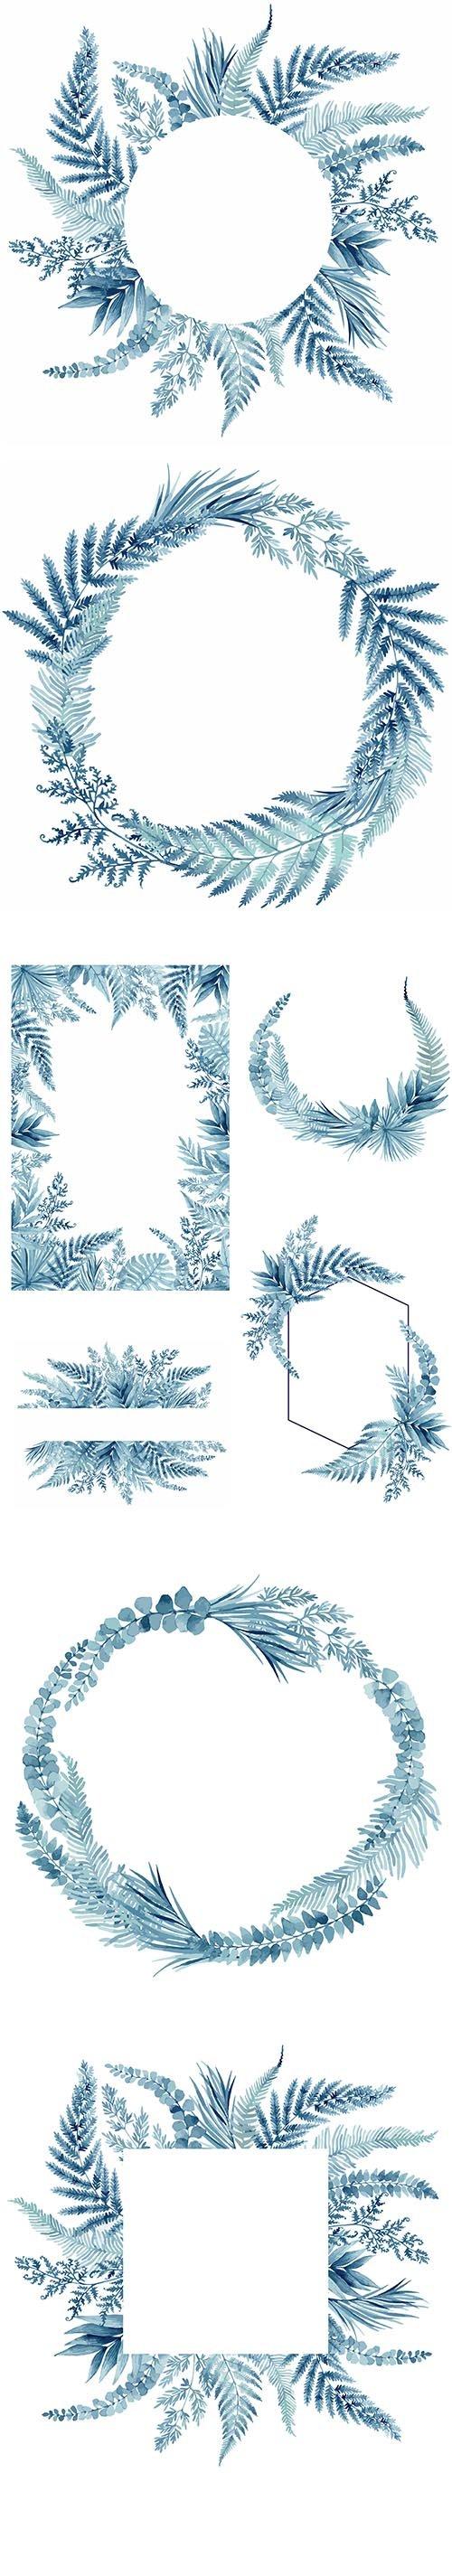 Blue Fern Leaves Tropical Frame Vector